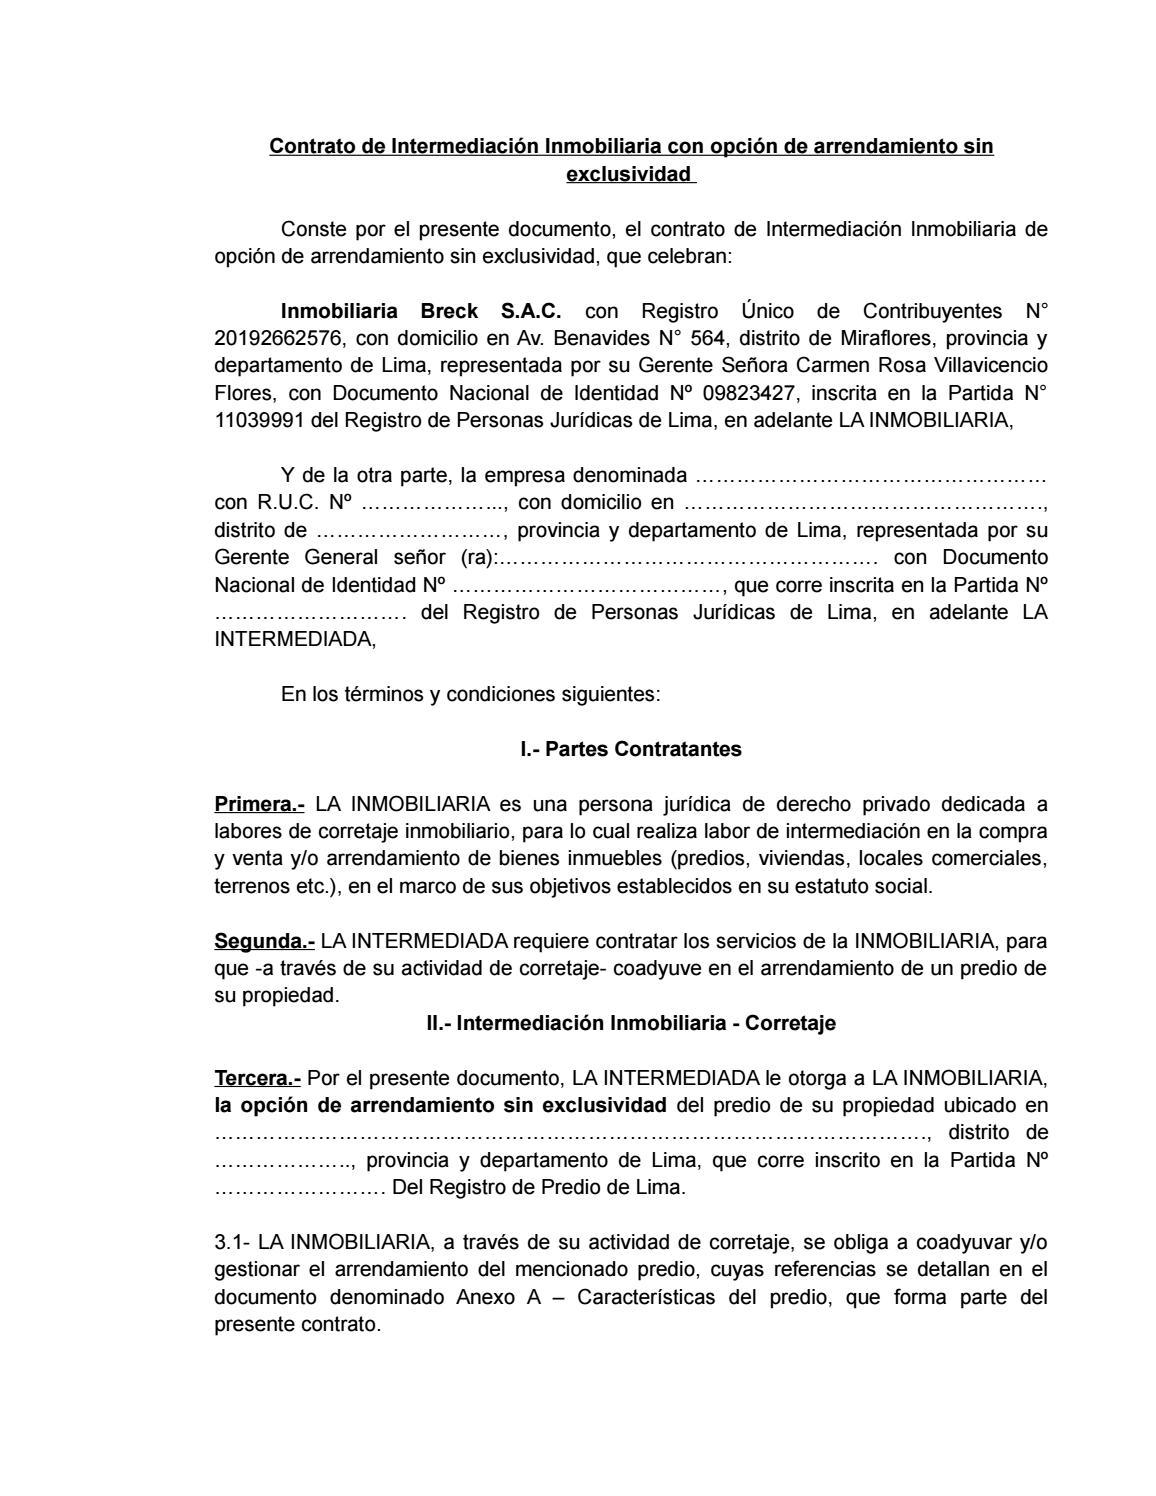 Arrendamiento sin exclusividad persona juridica by ignacio for Contrato documento